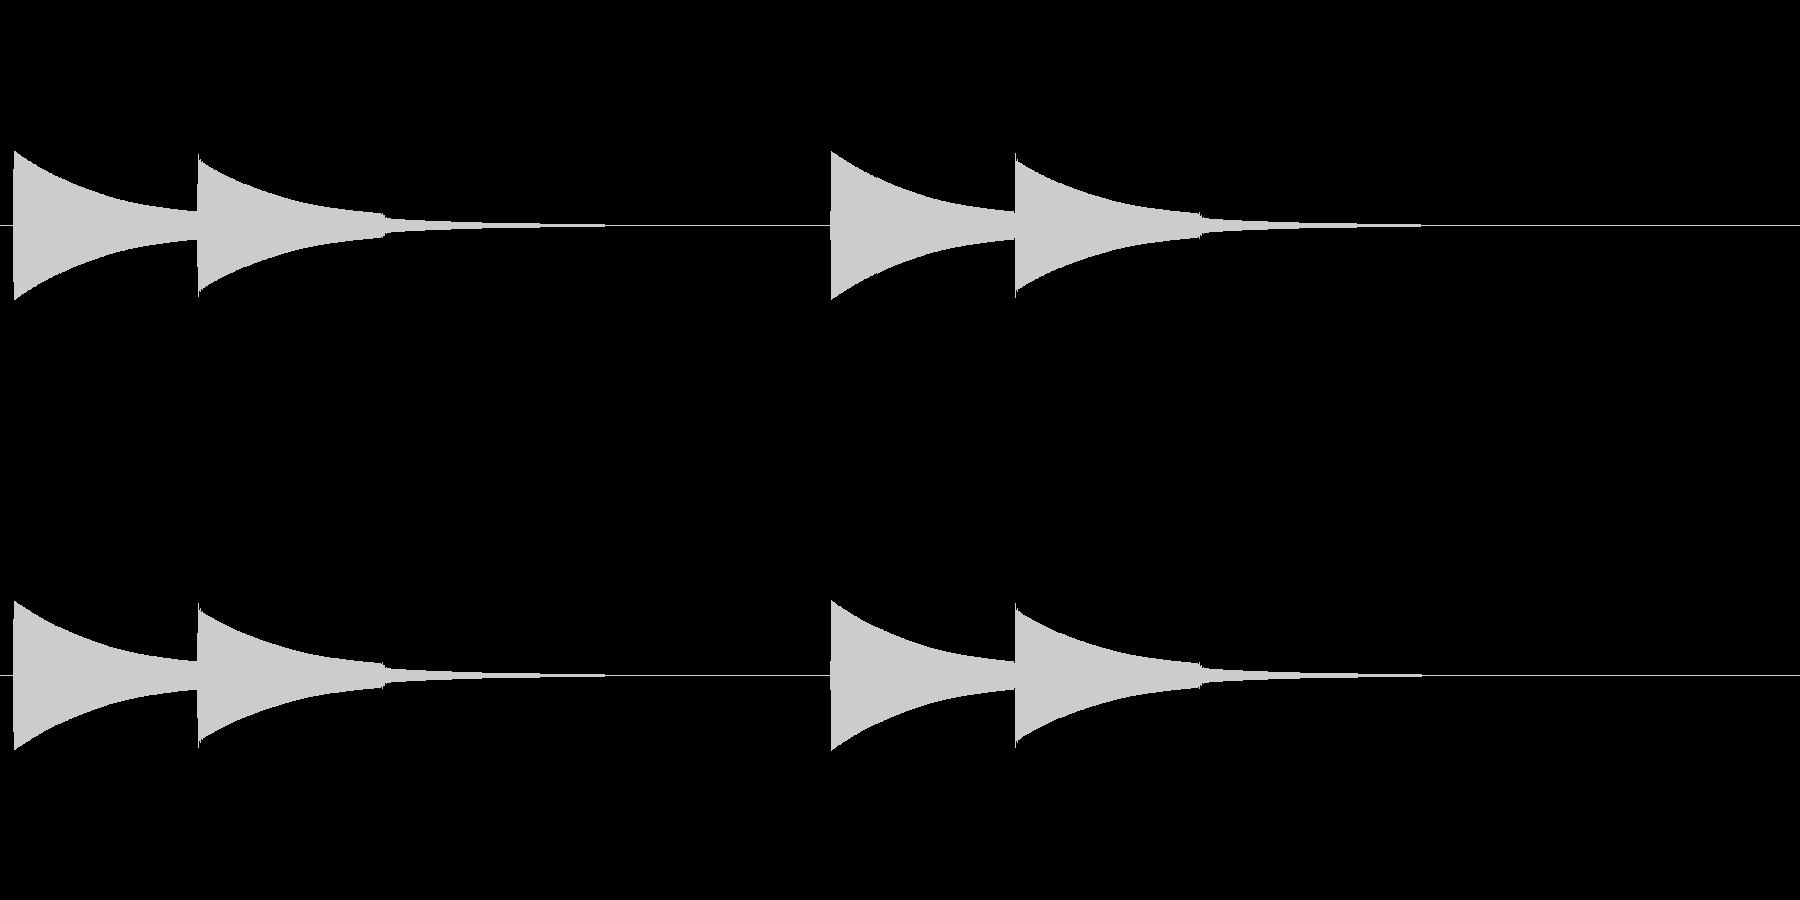 【ドアベル メロディー01-1】の未再生の波形